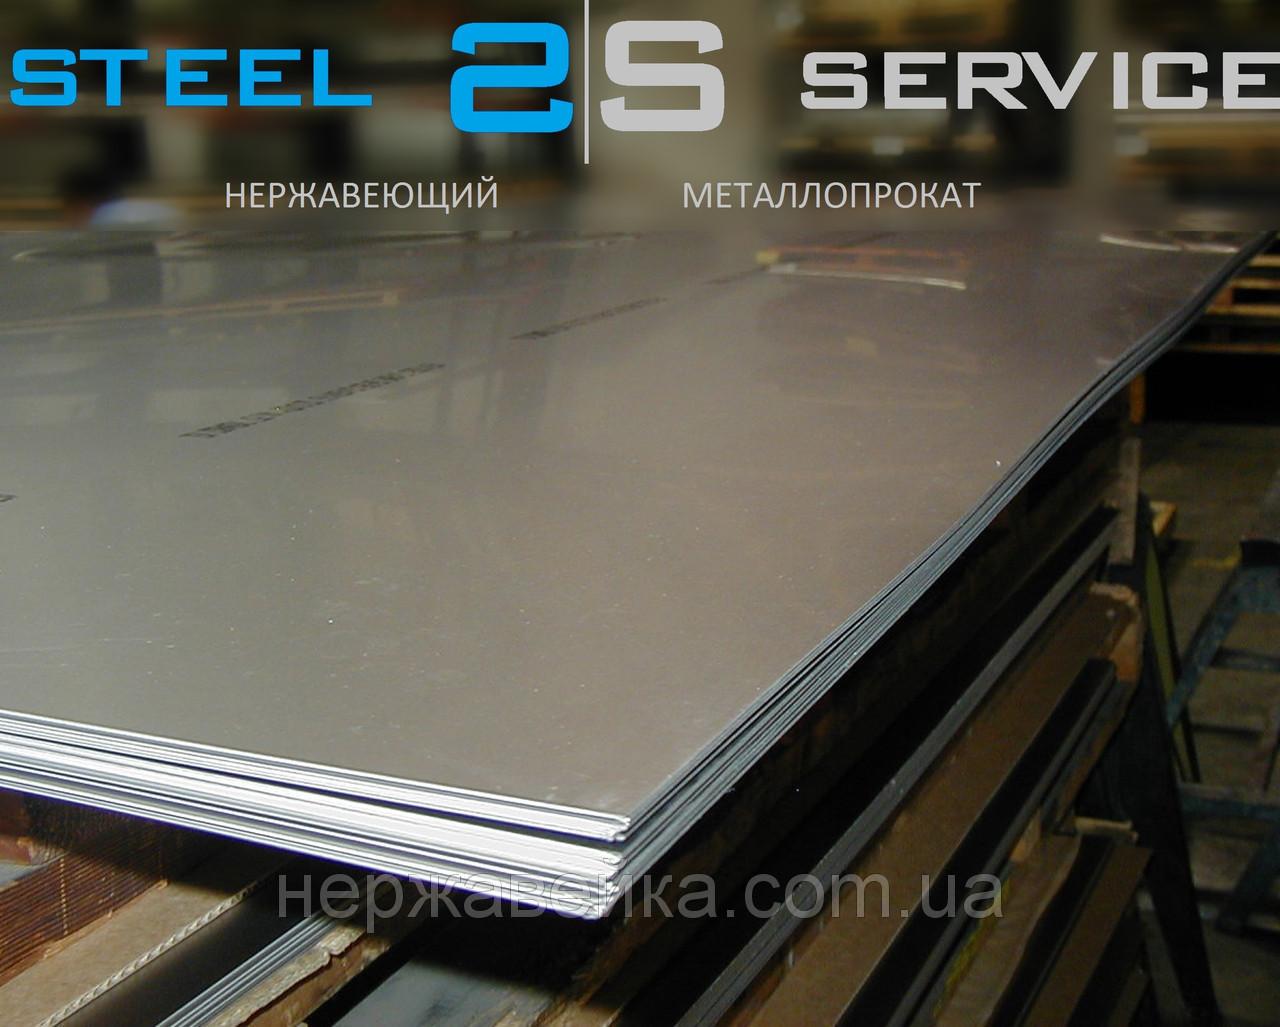 Нержавейка лист 5х1000х2000мм  AISI 321(08Х18Н10Т) F1 - горячекатанный,  пищевой